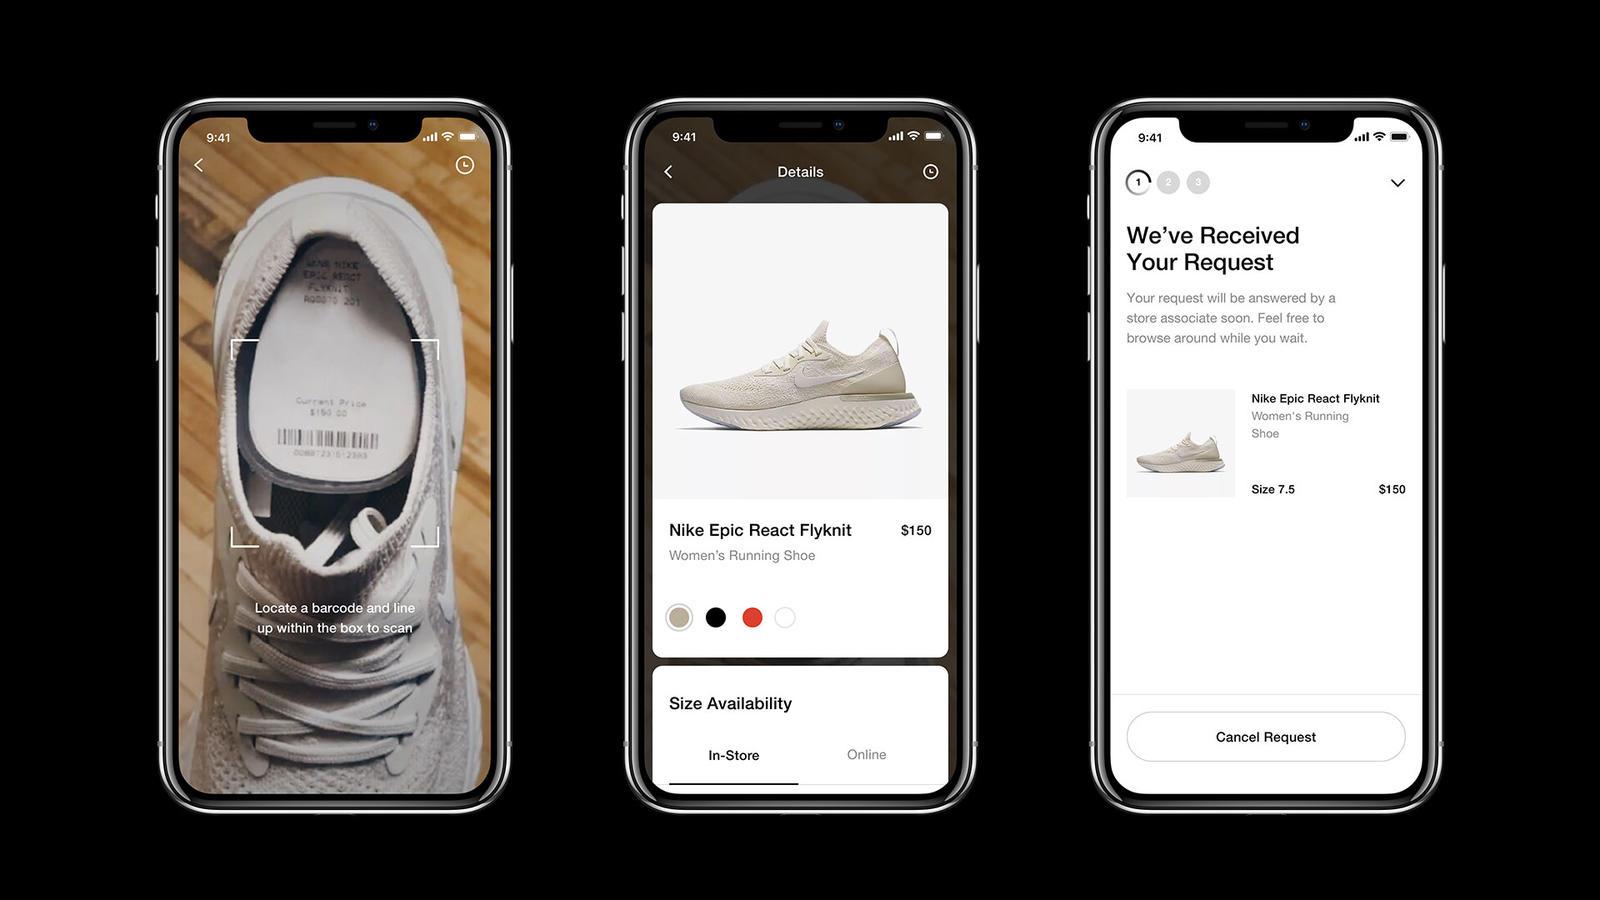 Nike pomocí aplikace zjednodušuje proces zkoušení bot na pobočce